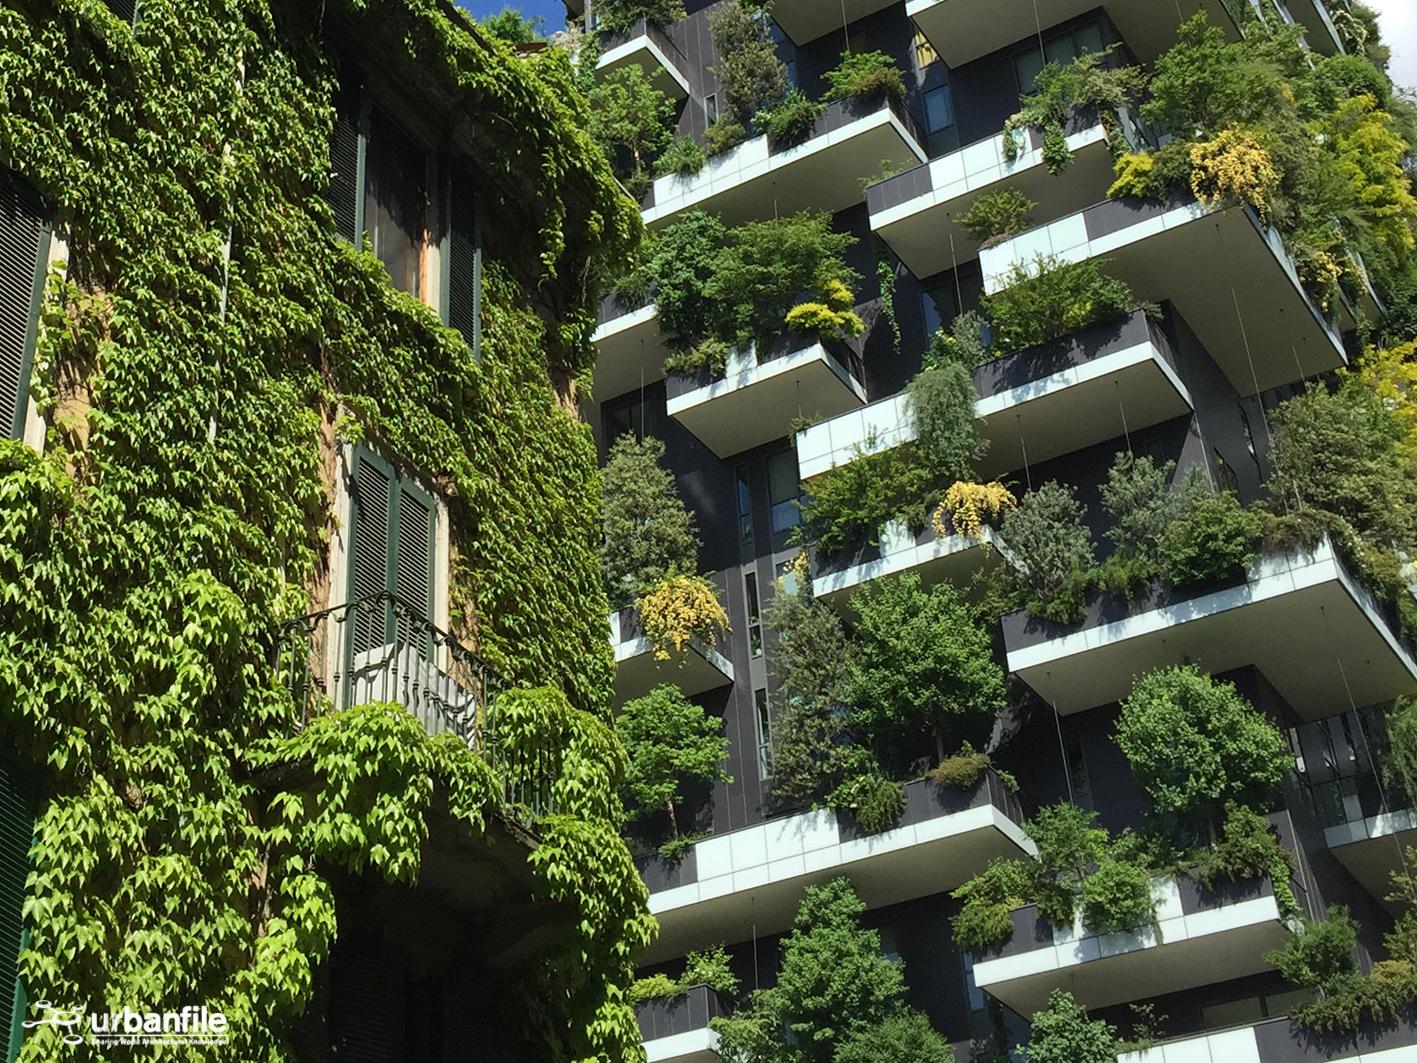 Milano isola il verdeggiante bosco verticale urbanfile blog